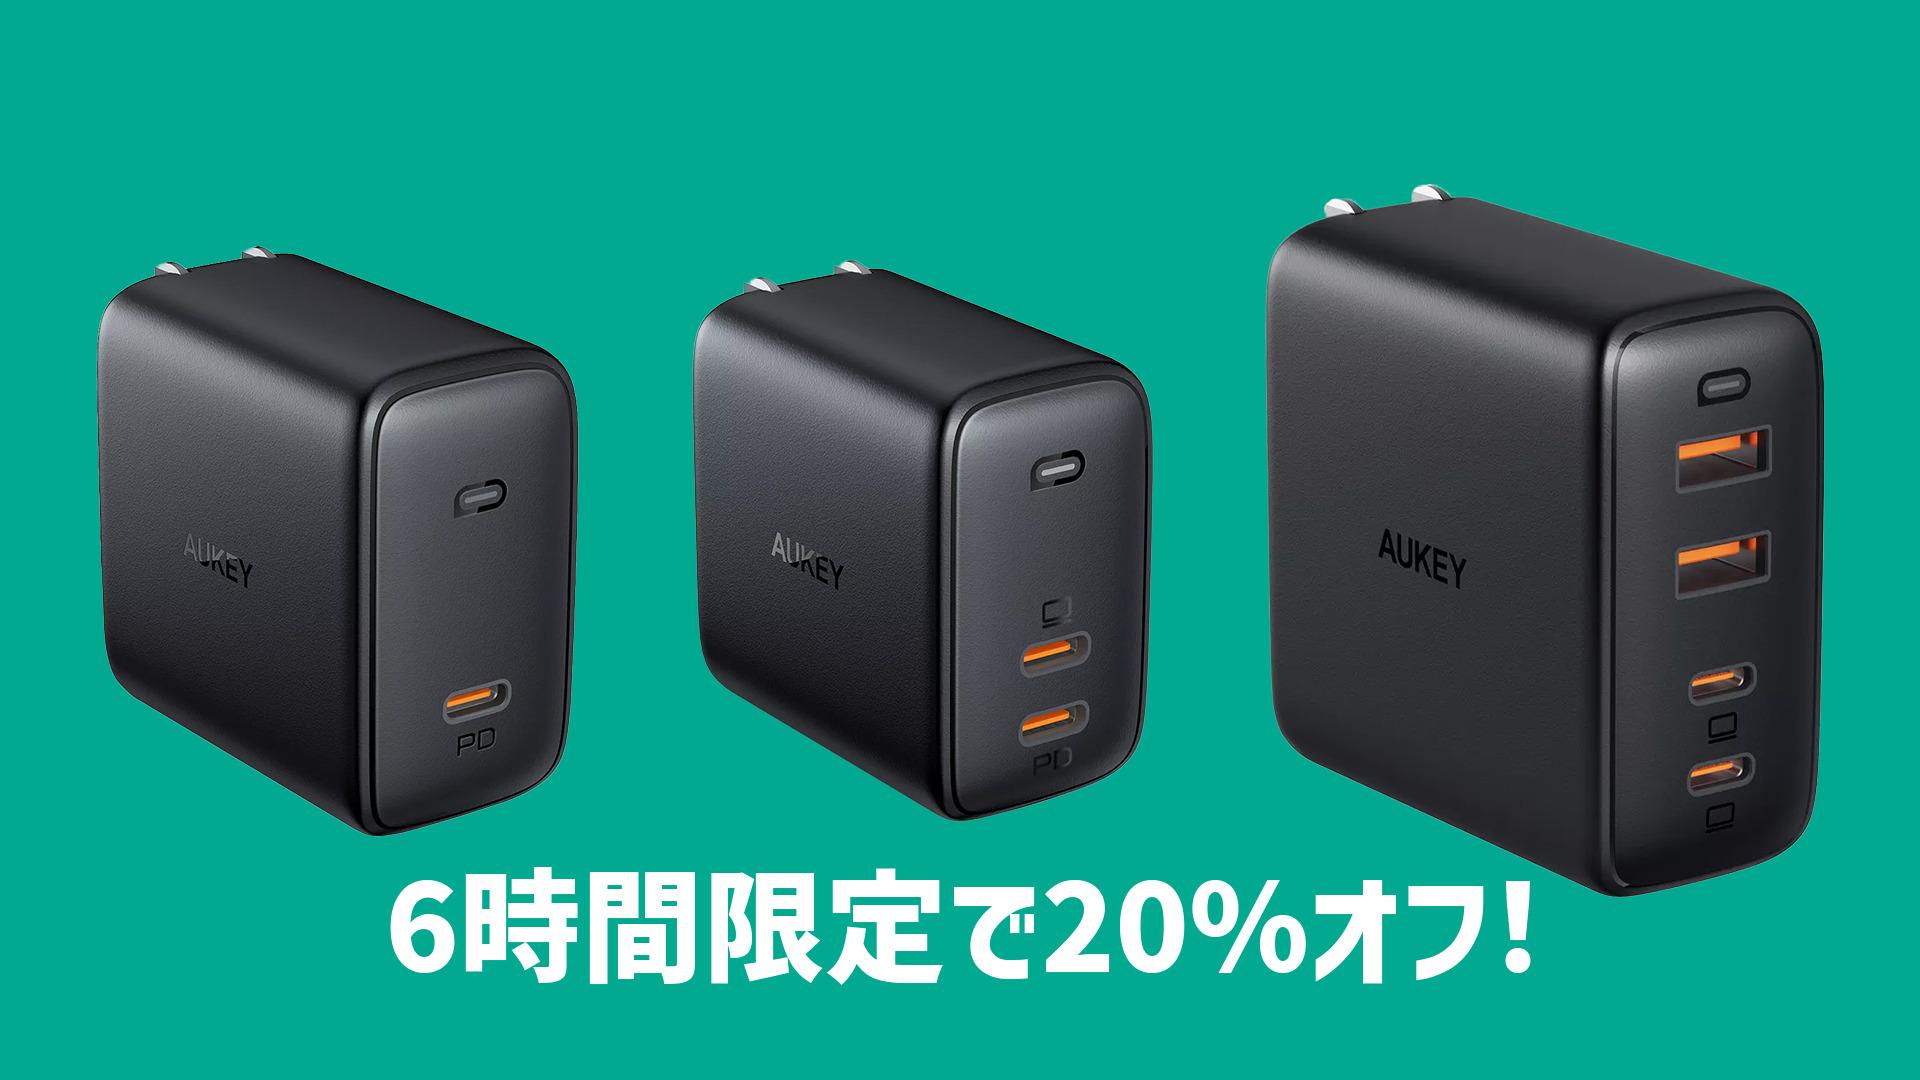 Aukey、65W以上のUSB PD充電器3製品が20%オフになる6時間限定のタイムセールを開催